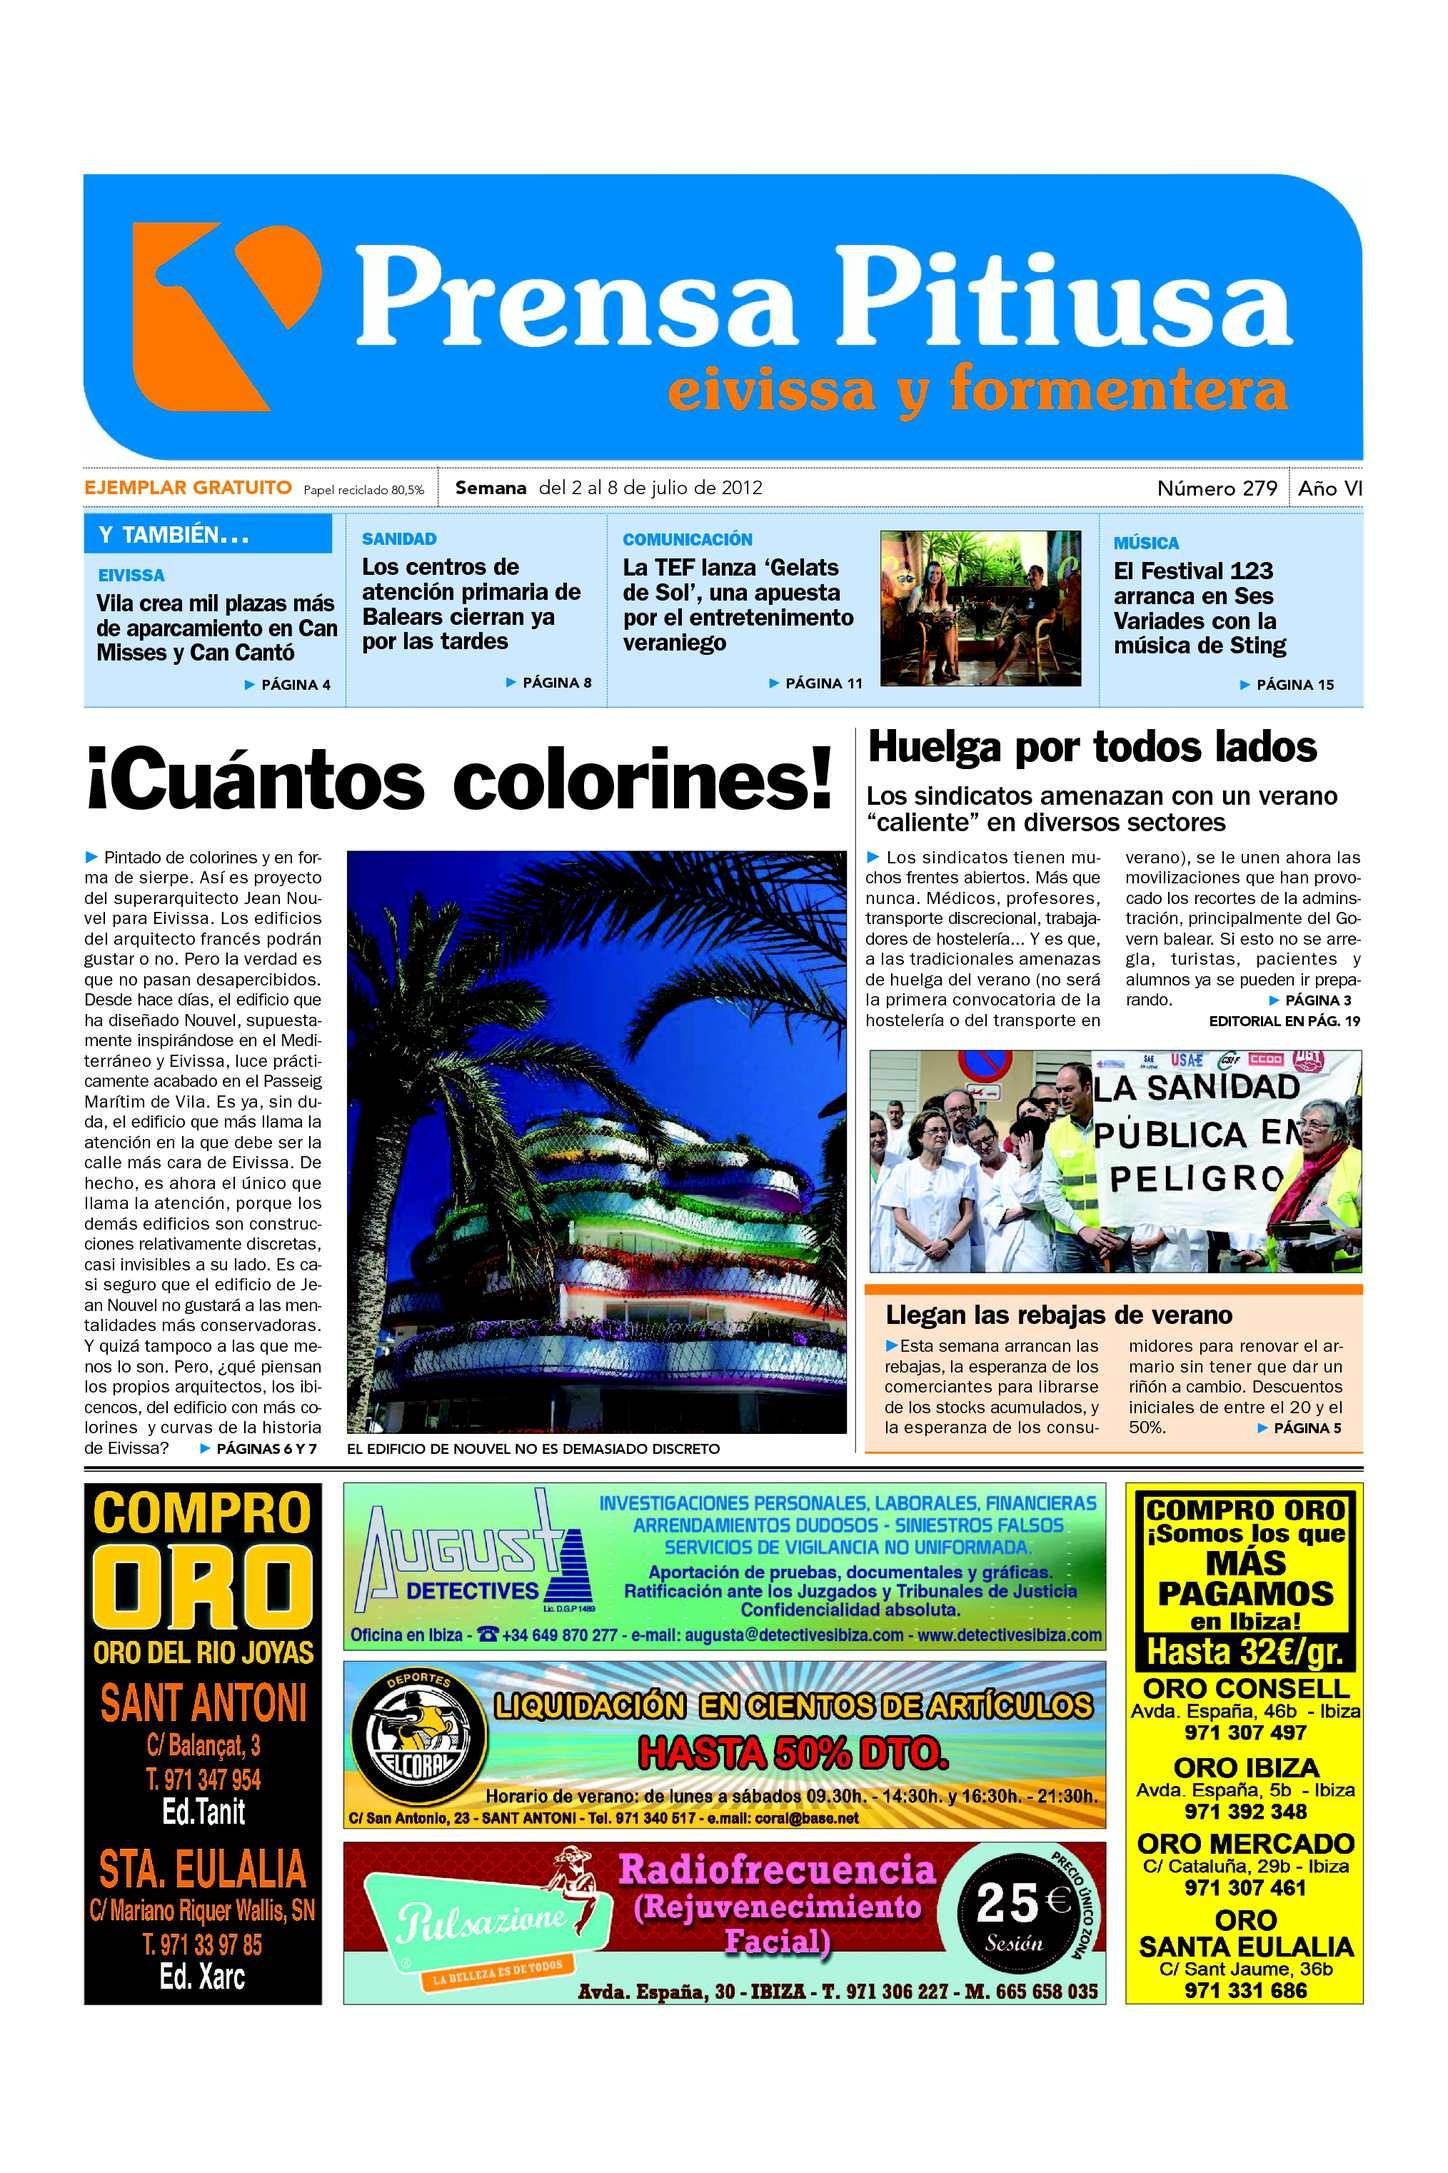 Imprimir Calendario De Google Actual Calaméo Prensa Pitiusa Edici³n 279 Of Imprimir Calendario De Google Más Recientes Calendario Festivos Colombia 2019 Takvim Kalender Hd